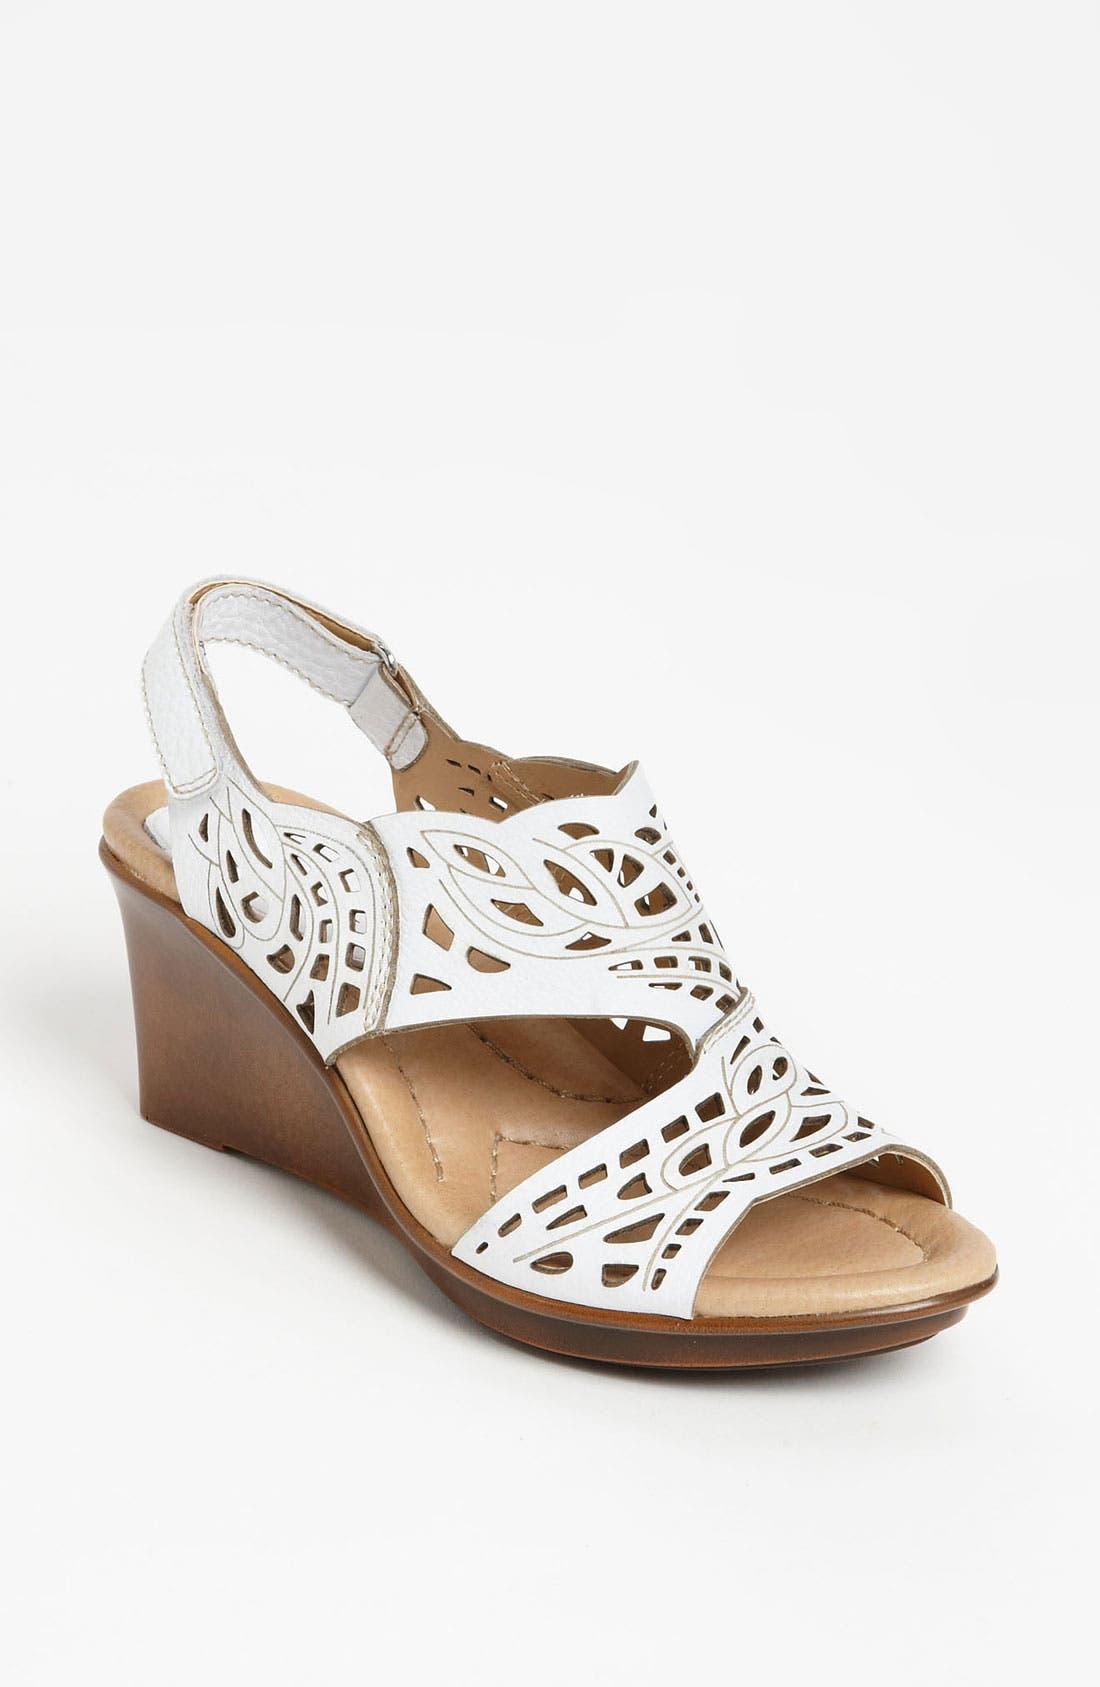 Main Image - Earth® 'Camellia' Sandal